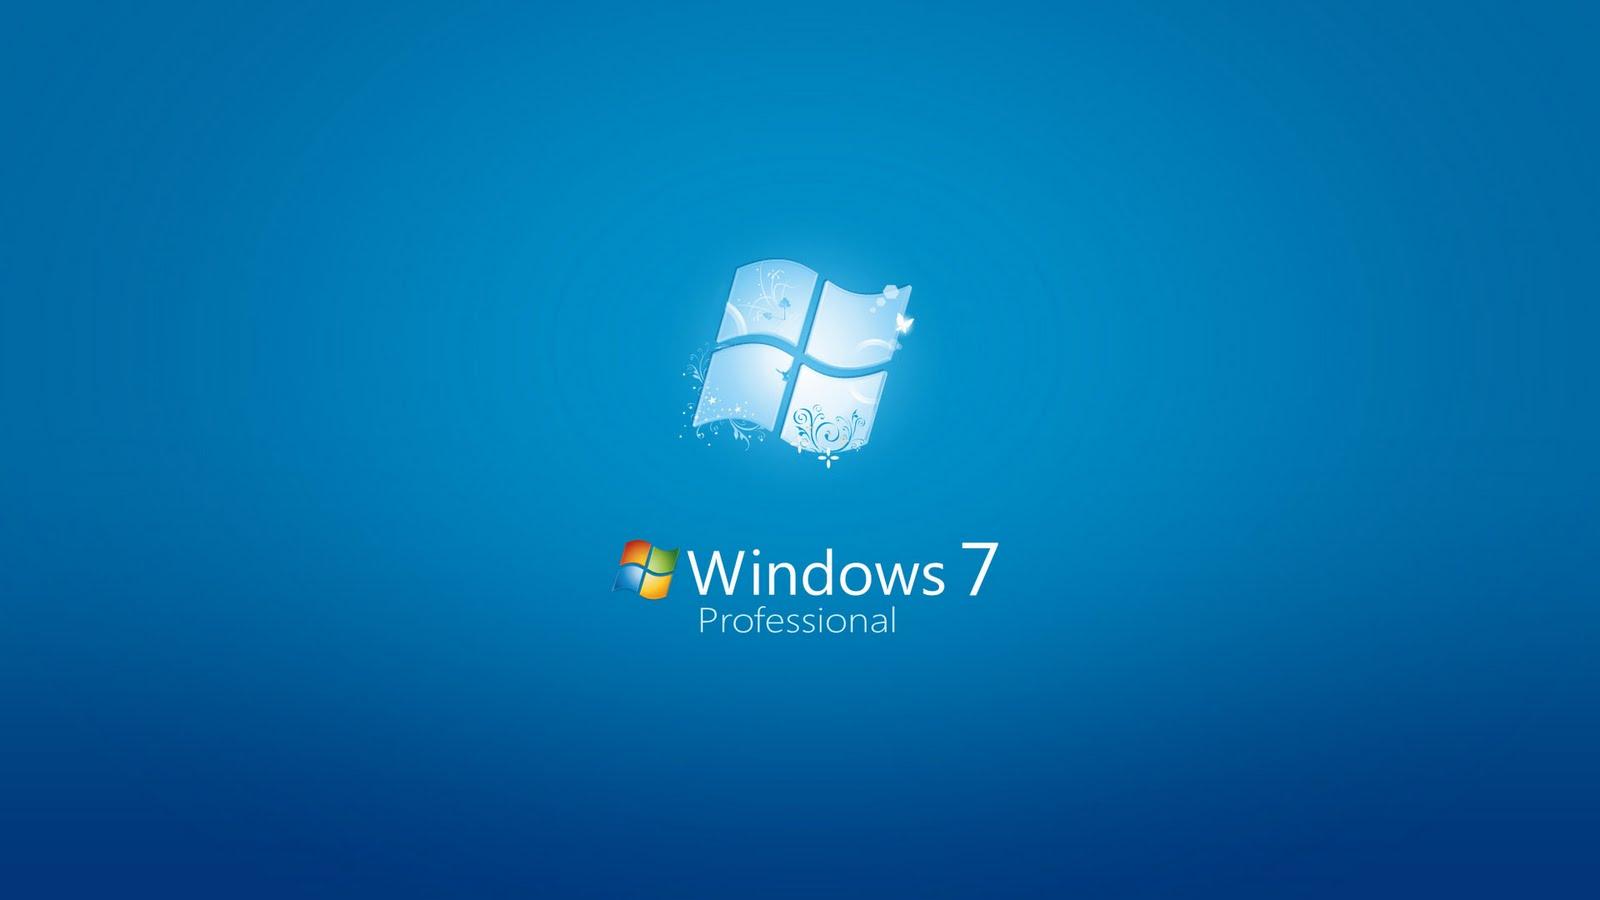 Windows 7 professional 64 bit oem fqc 04649 ms for Window 64 bit